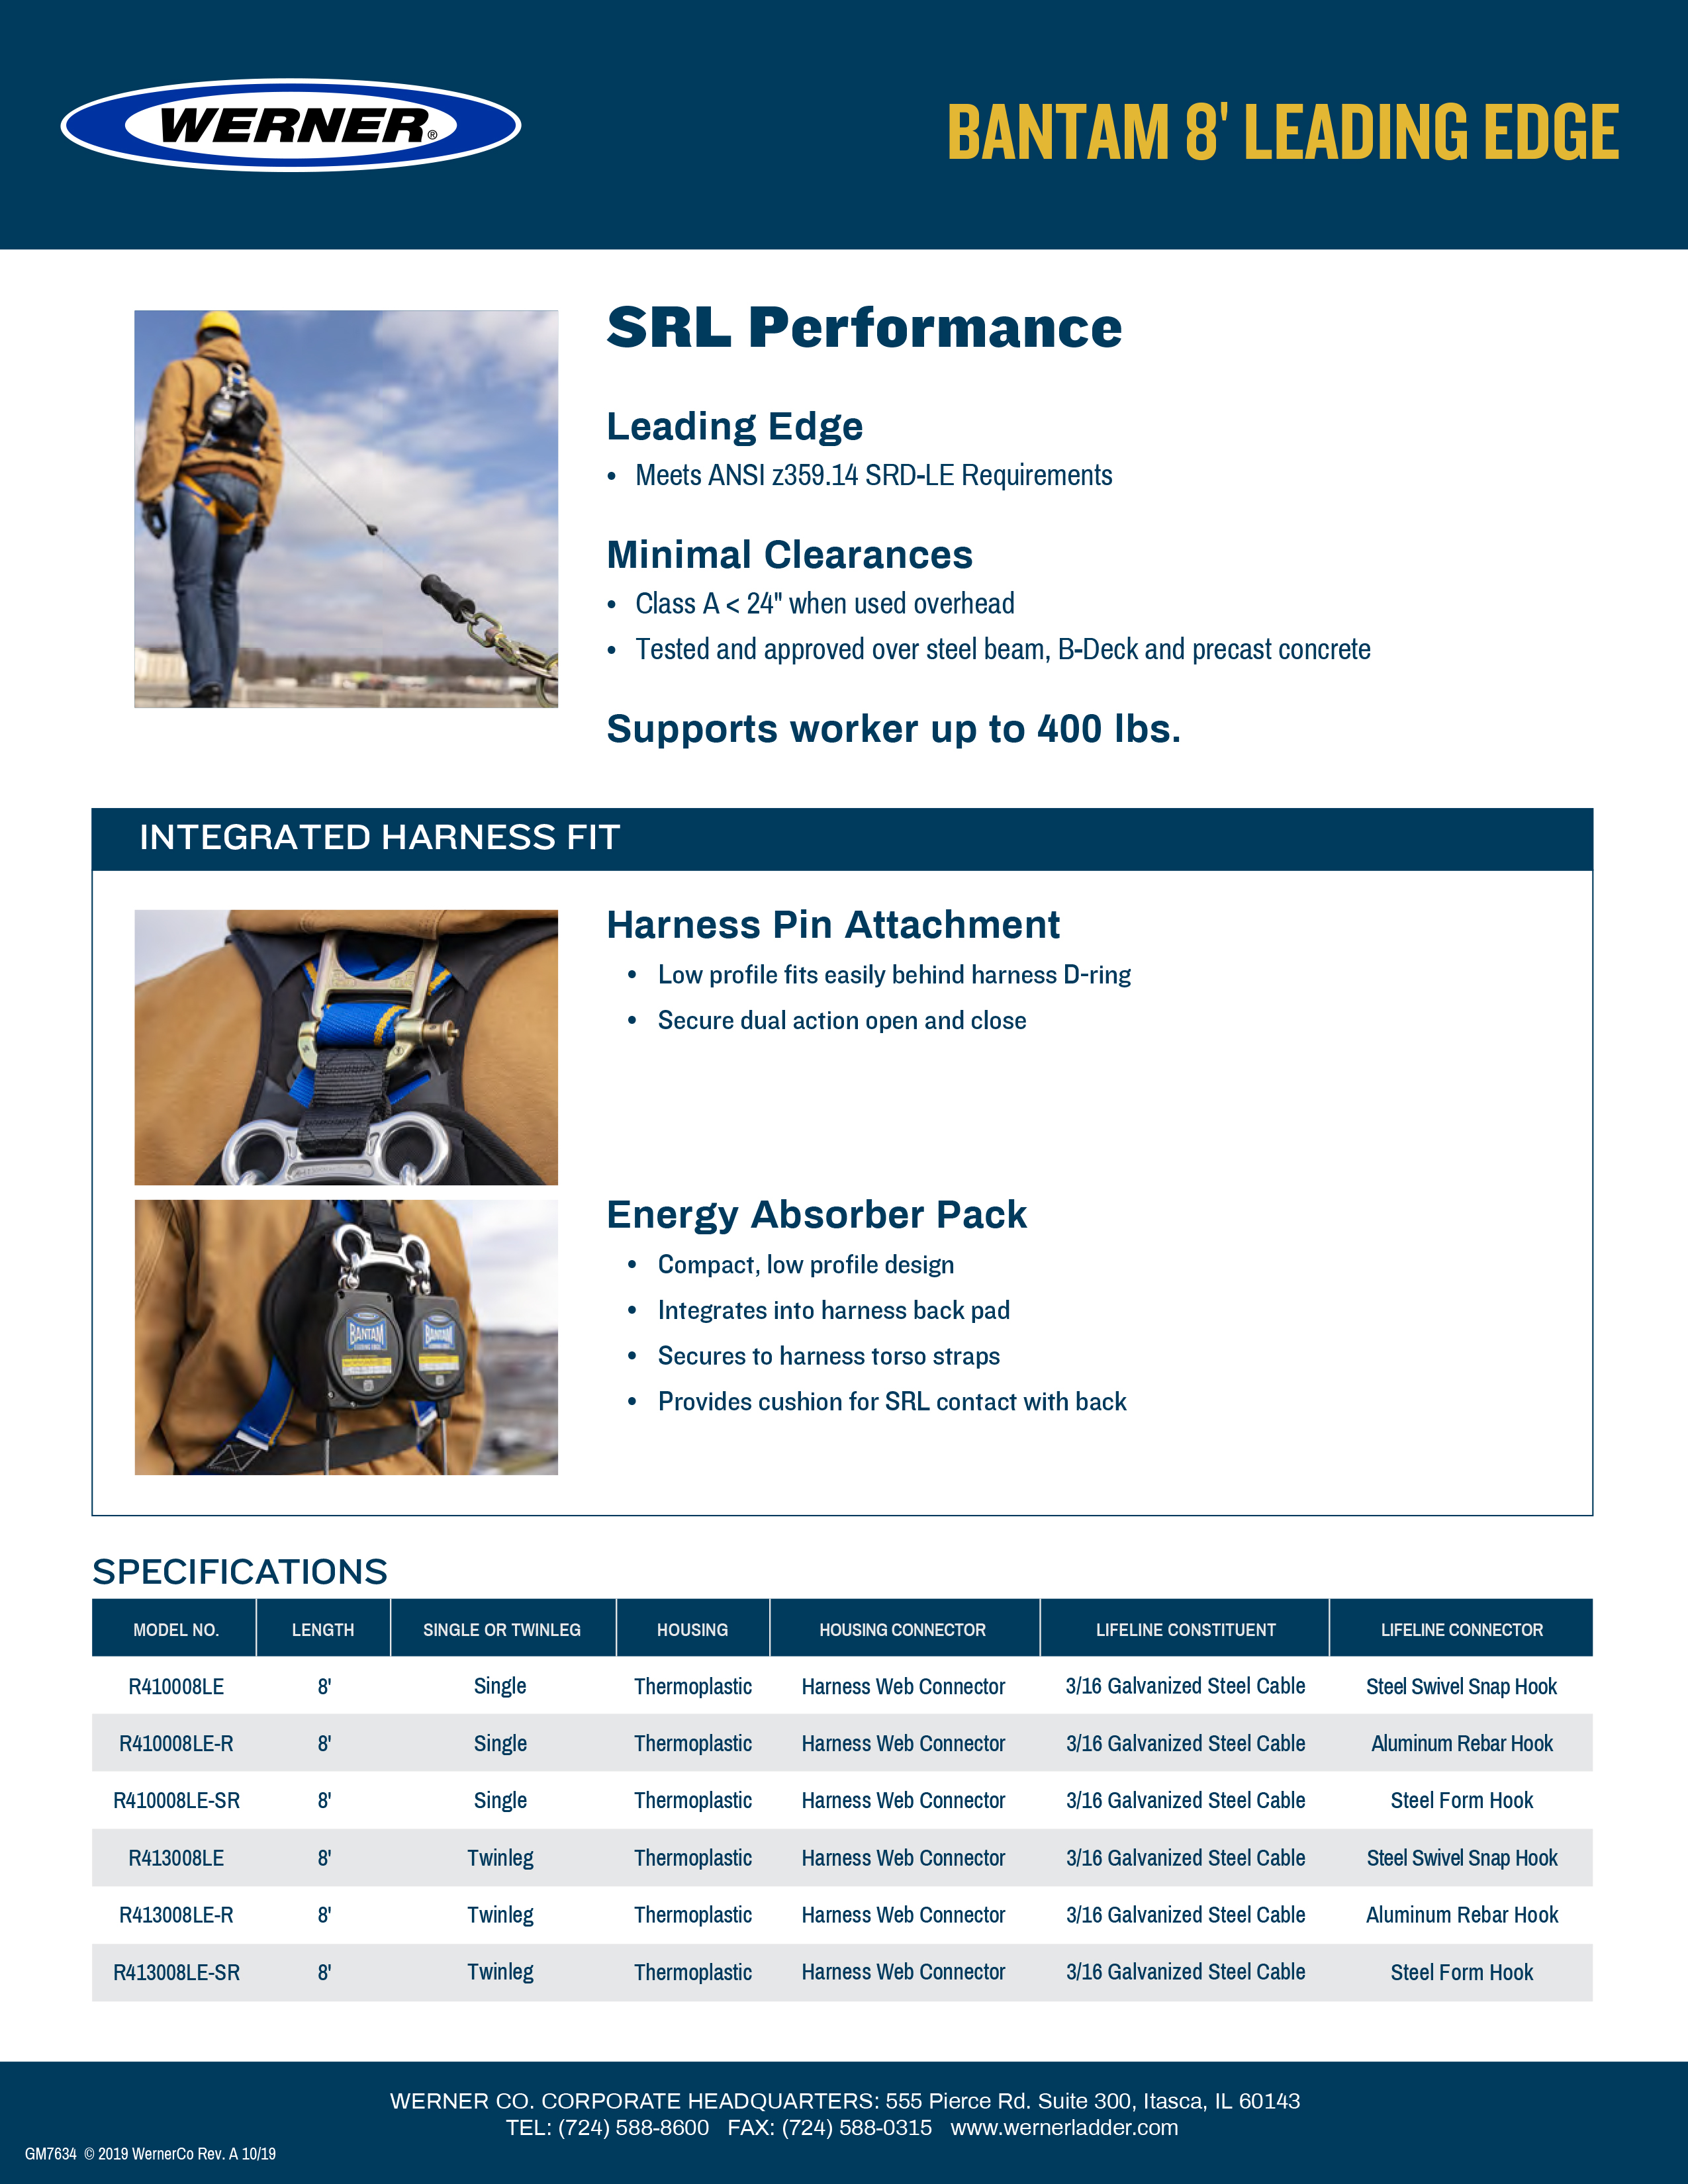 gm7634-bantam-le-srl-ss-pdf-2.jpg